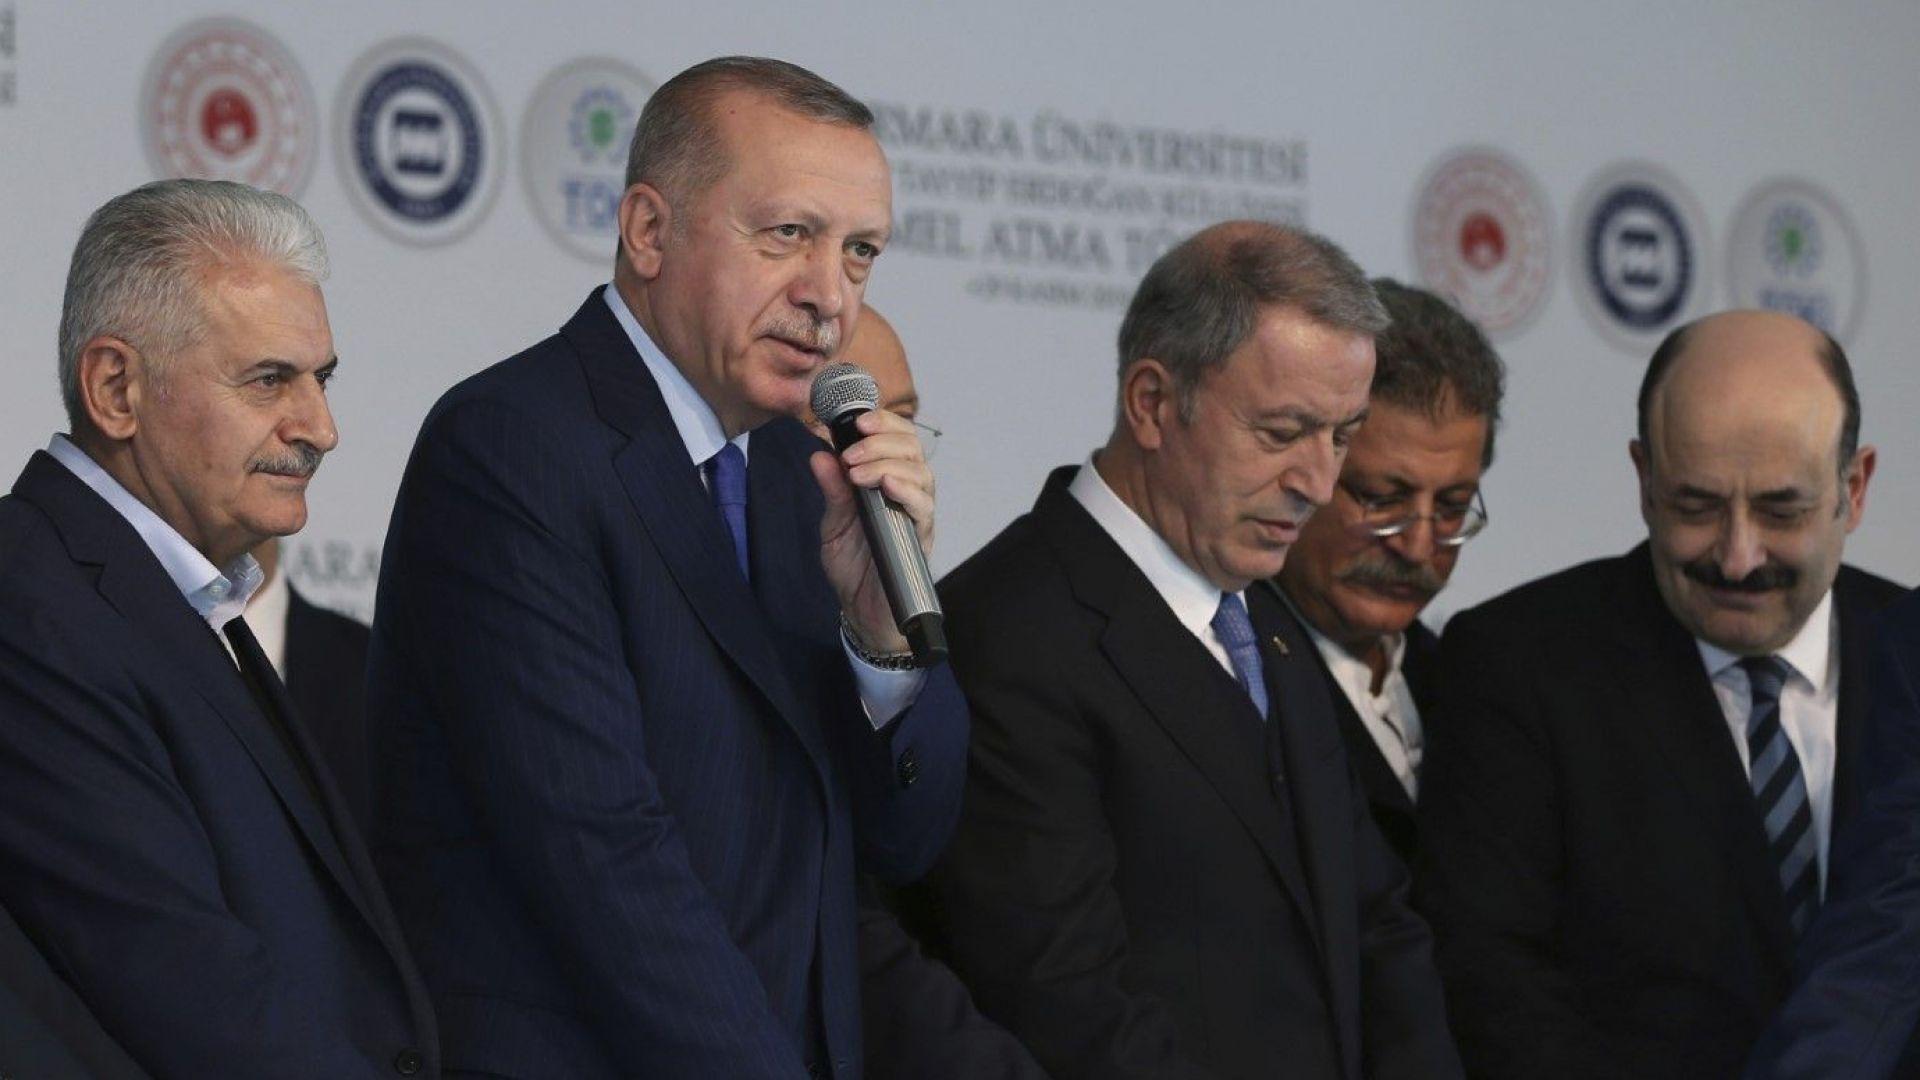 Макрон е в мозъчна смърт, обяви Ердоган и изостри напрежението между Париж и Анкара